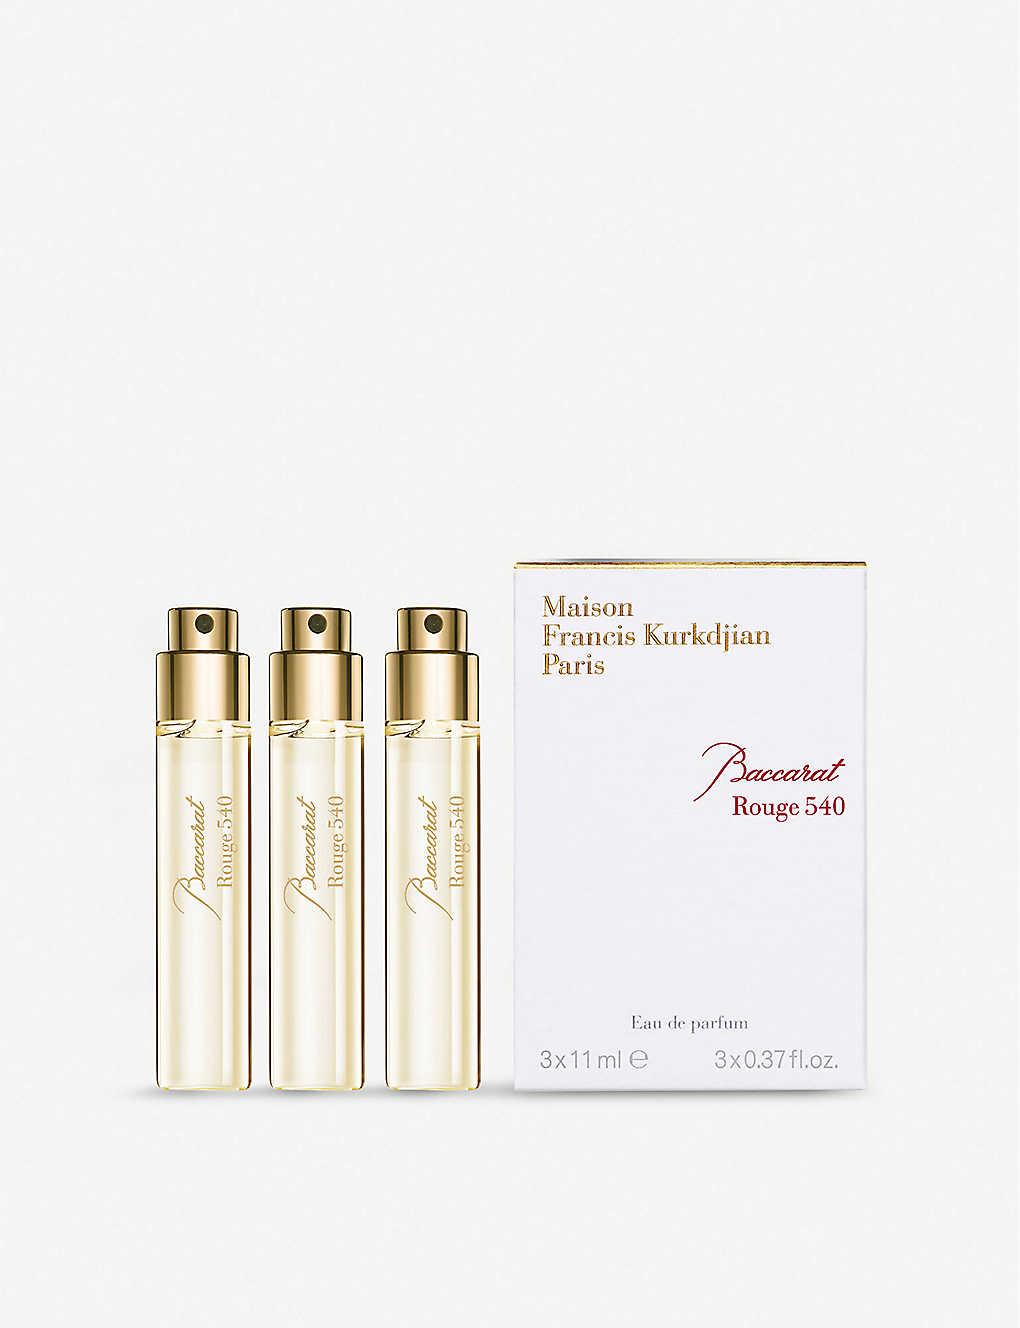 Baccarat Rouge 20 eau de parfum refills 20 x 20ml